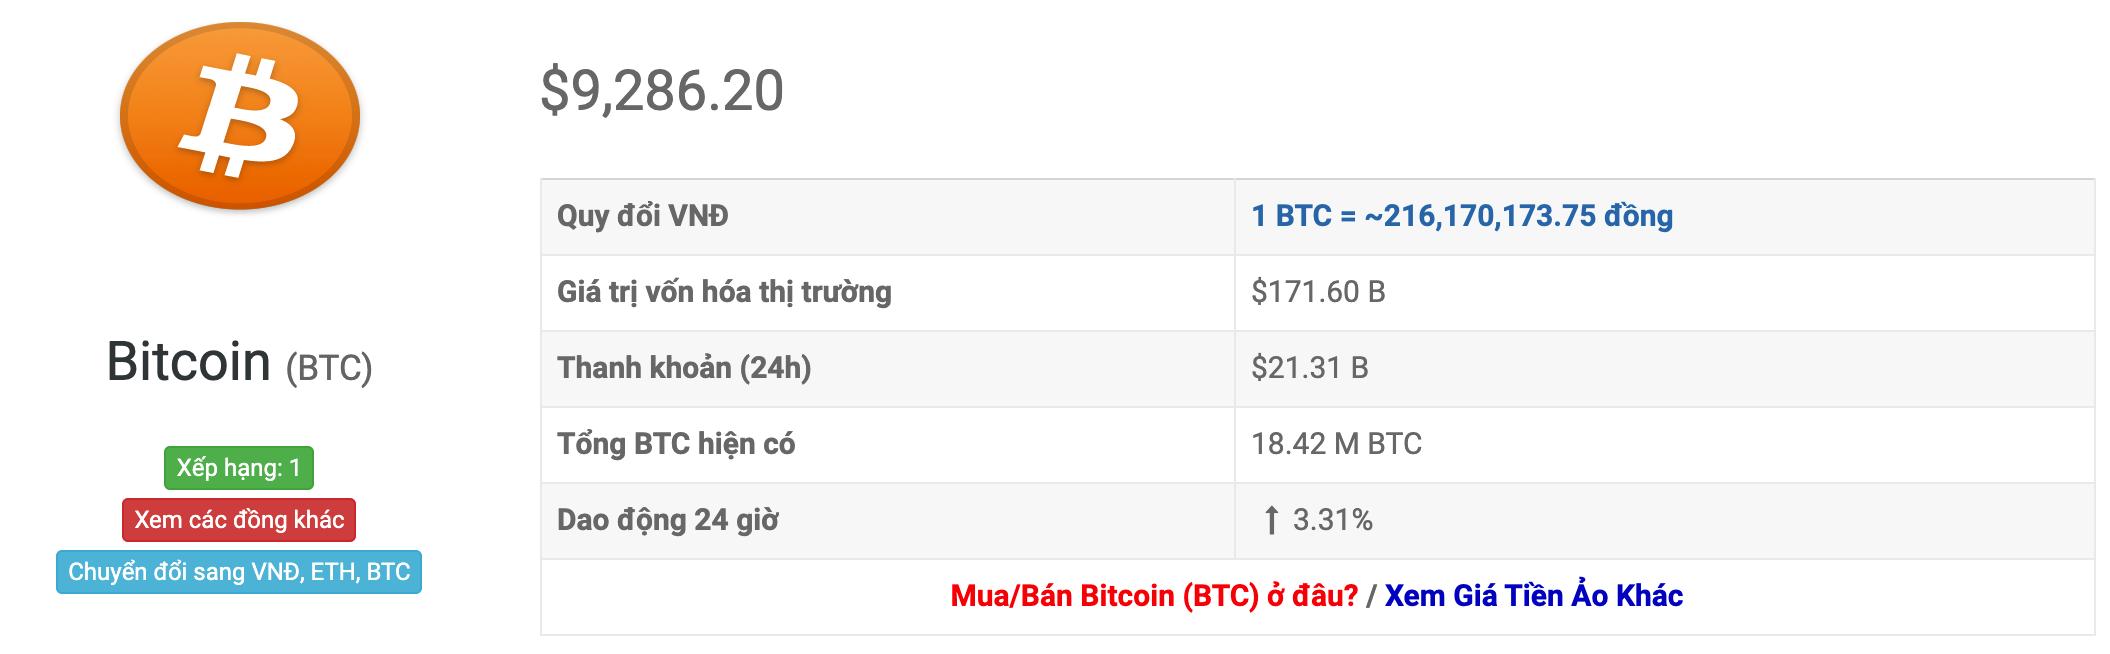 Tasso di cambio bitcoin